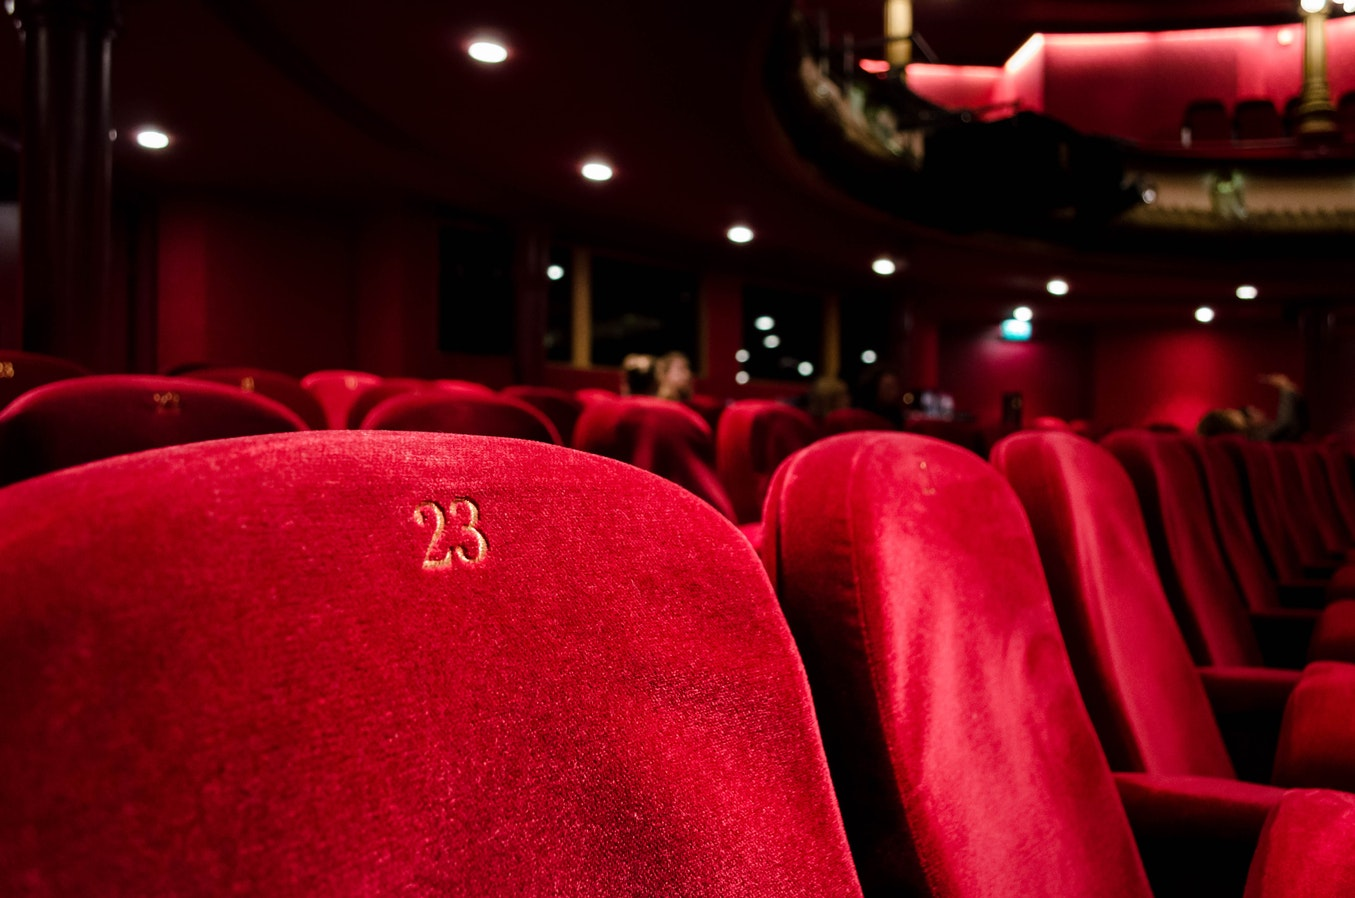 Biglietti carissimi per il cinema di lusso, Twitter protesta ...